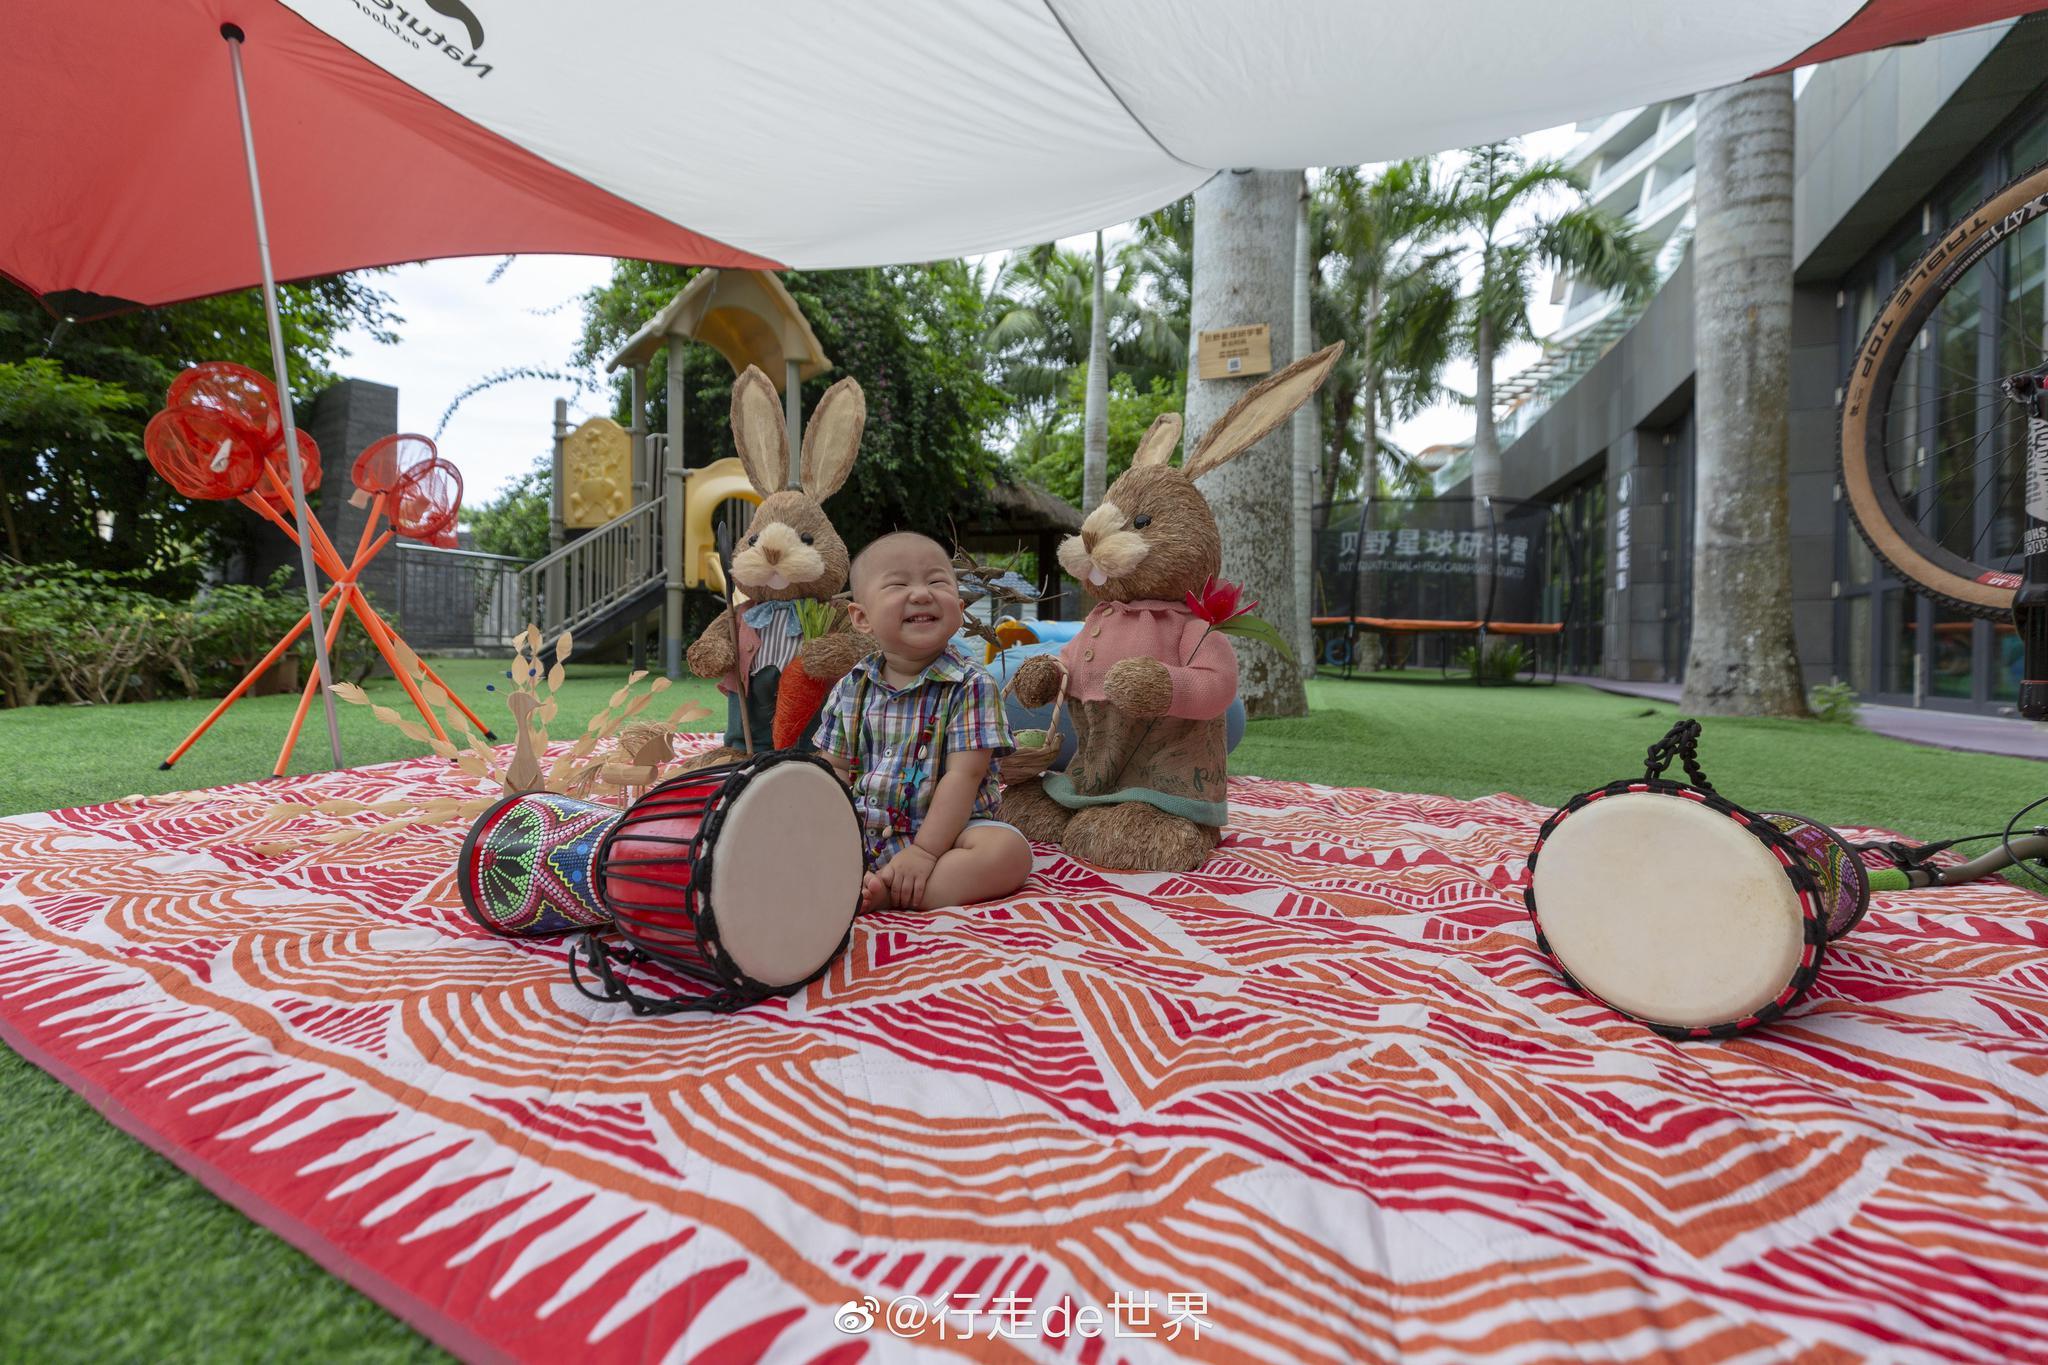 ❶三亚海棠湾民生威斯汀度假酒店开启了三亚旅行的又一个高度